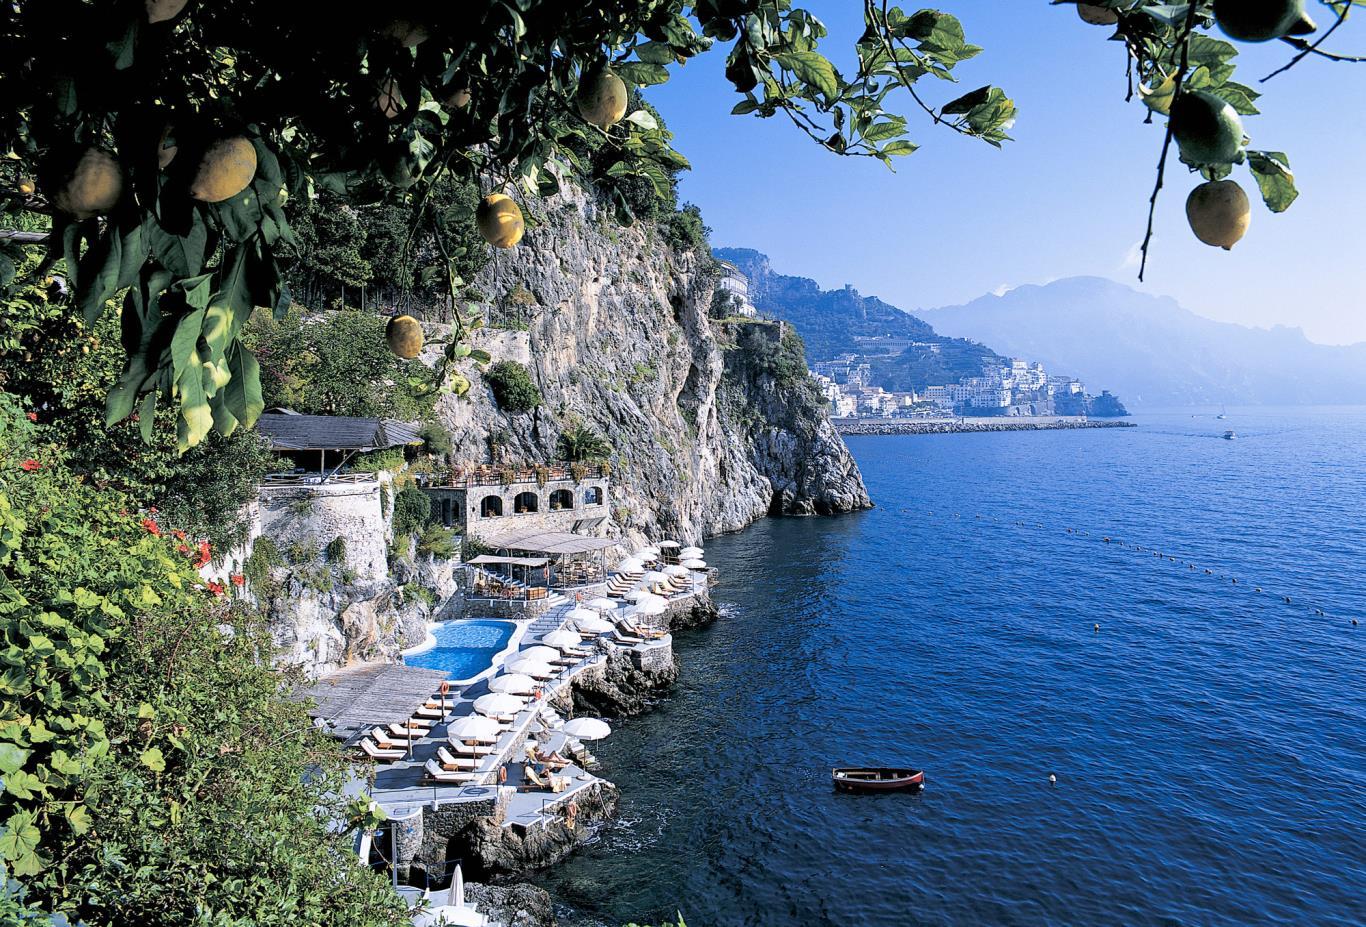 Sea views at  Santa Caterina , Italy